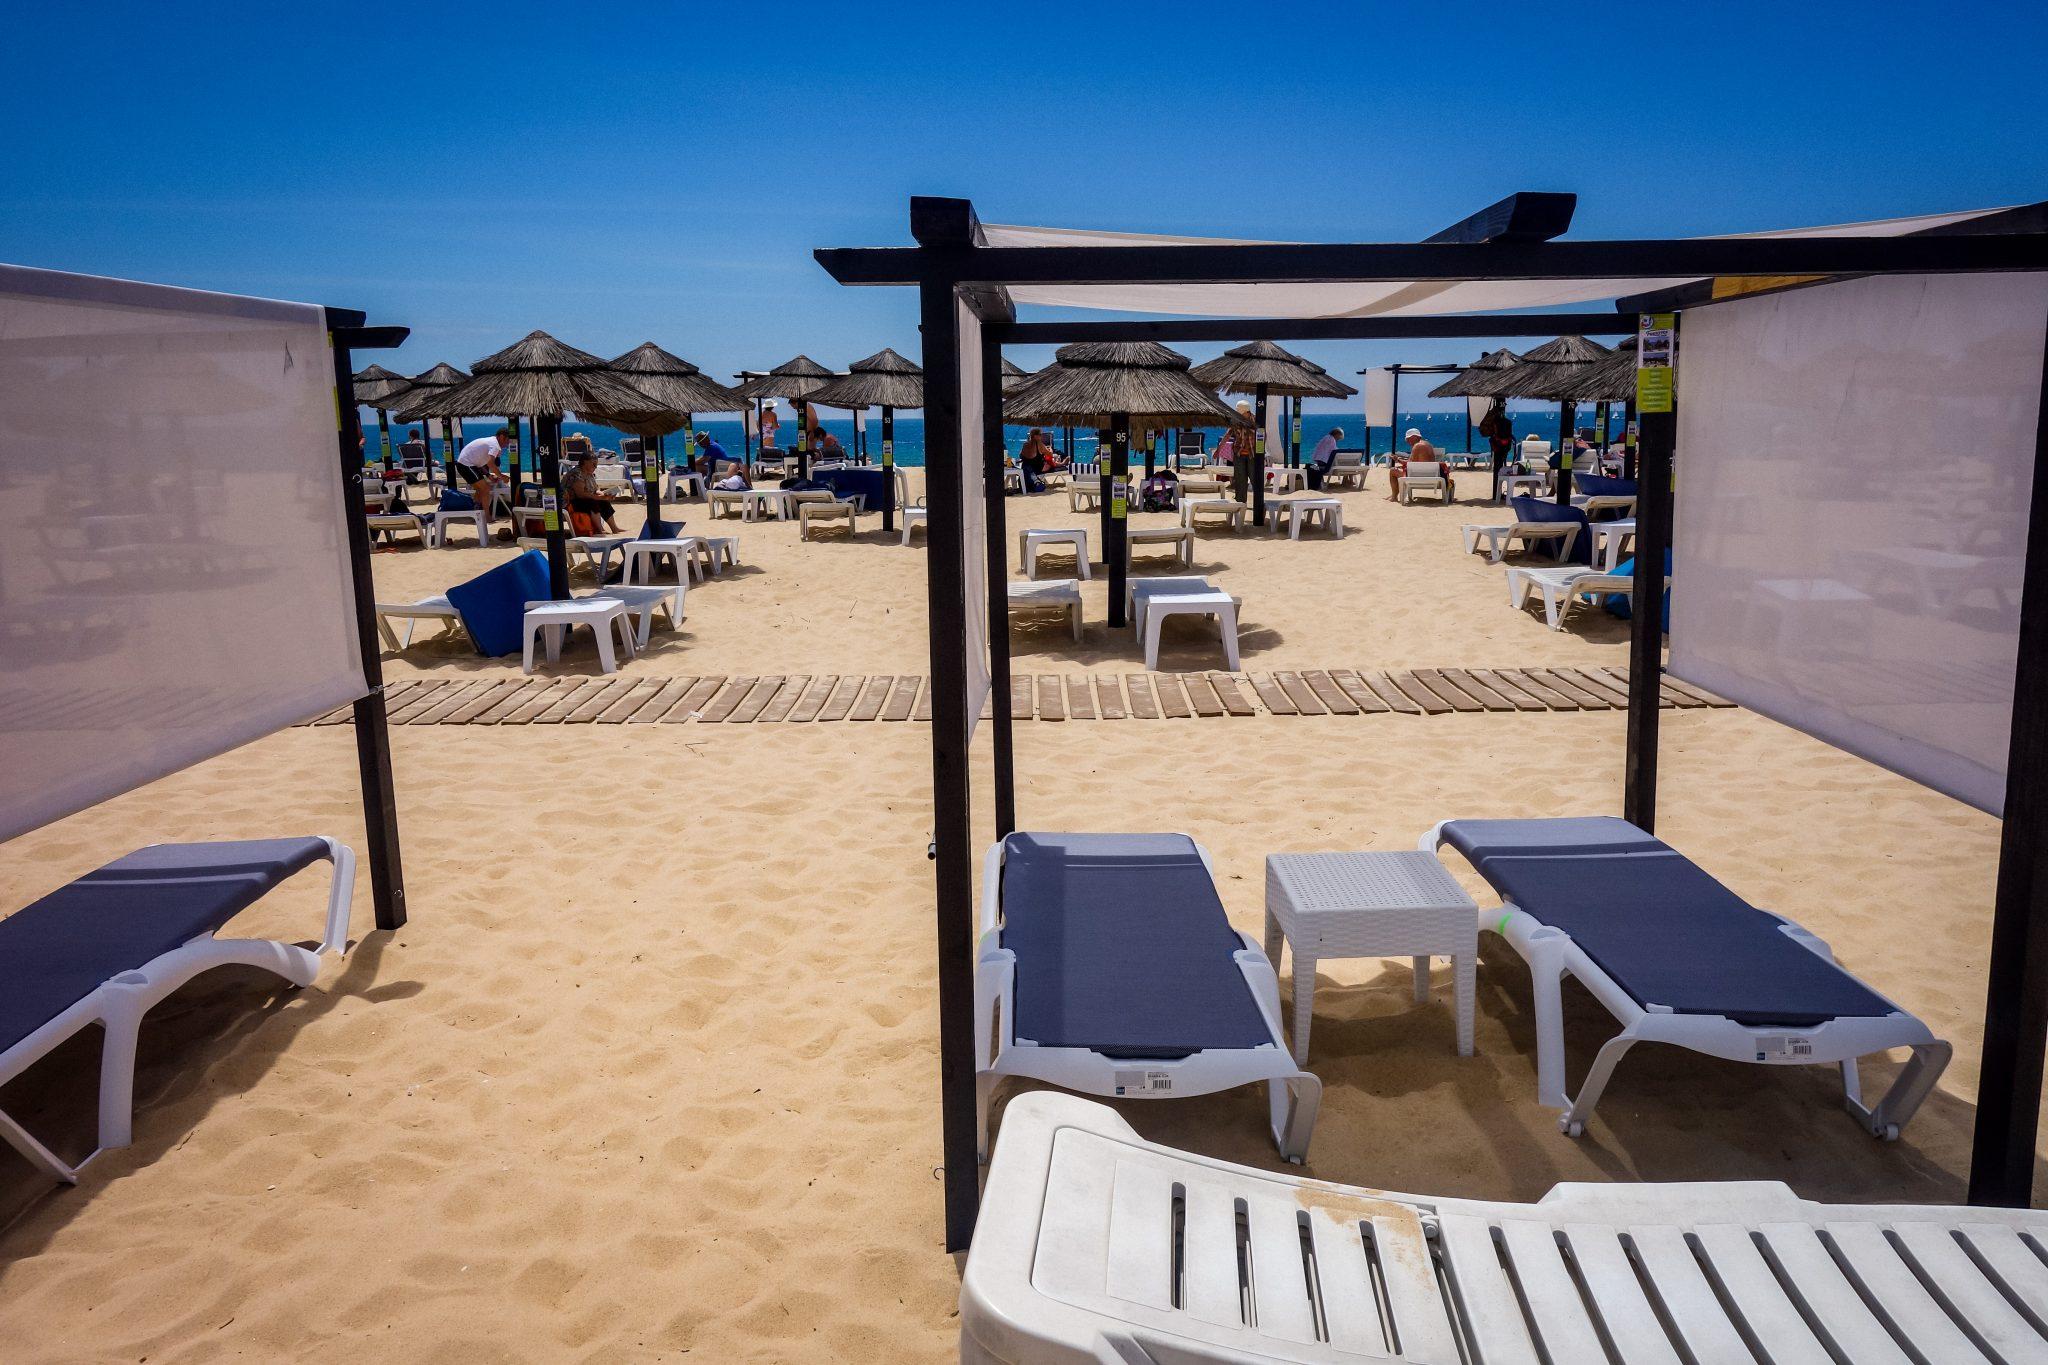 ... oder dich für ca. 10 - 15 € pro Liege zu allen legen. Tavira Island, Portugal